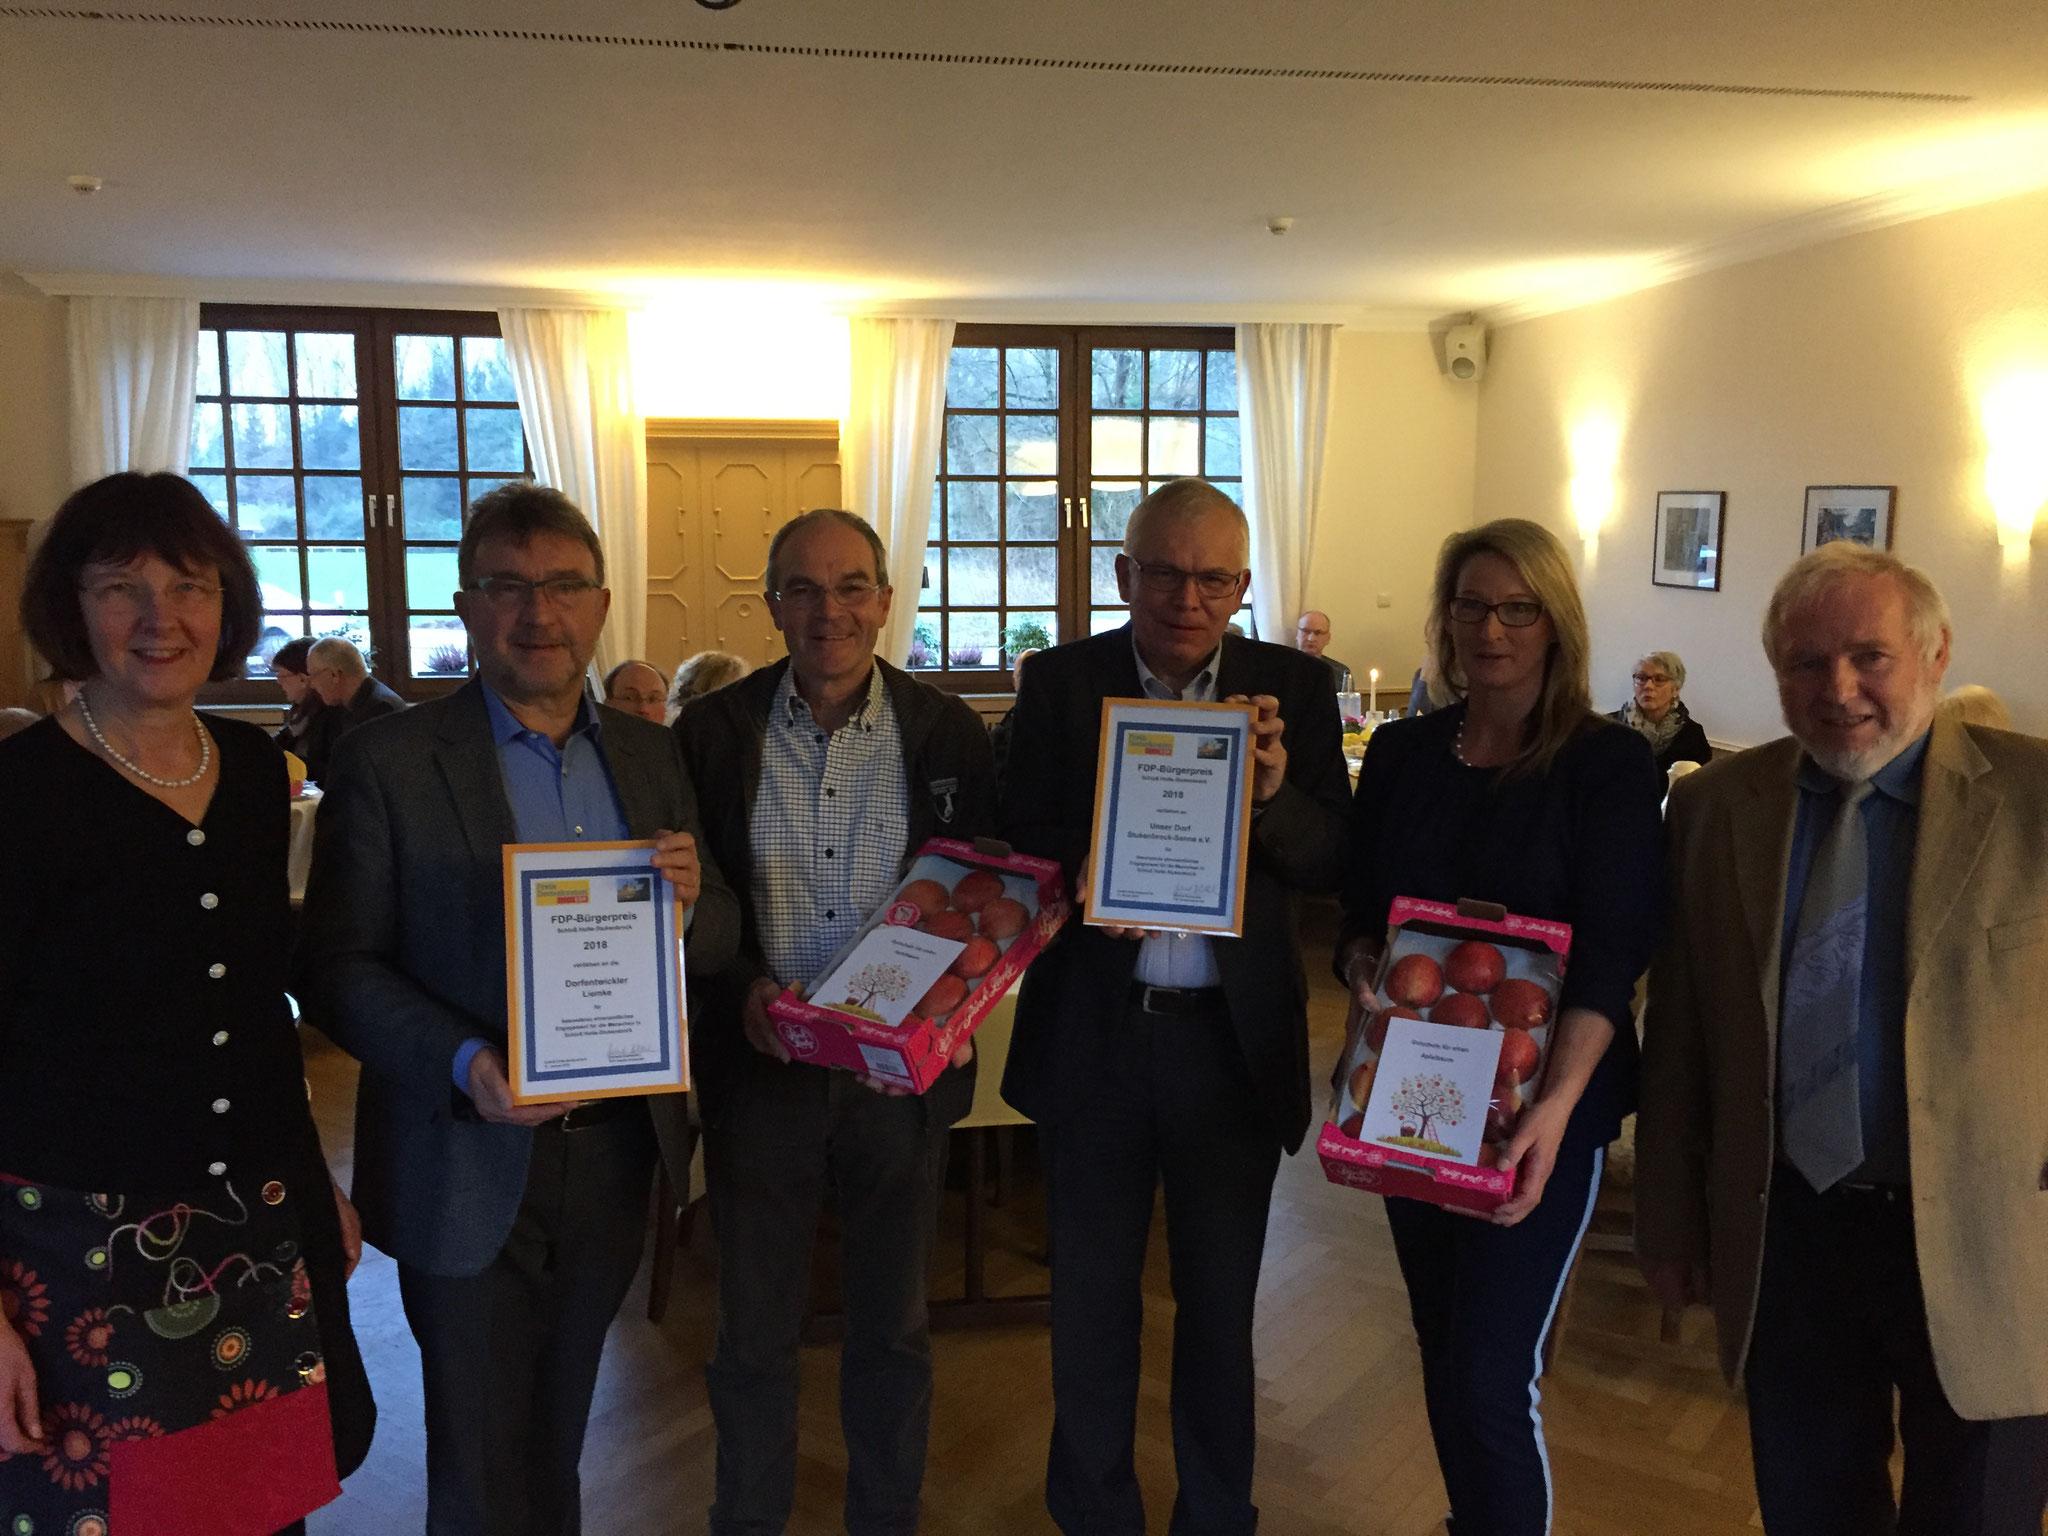 Dorfentwicklungsteams Stukenbrock-Senne und Liemke